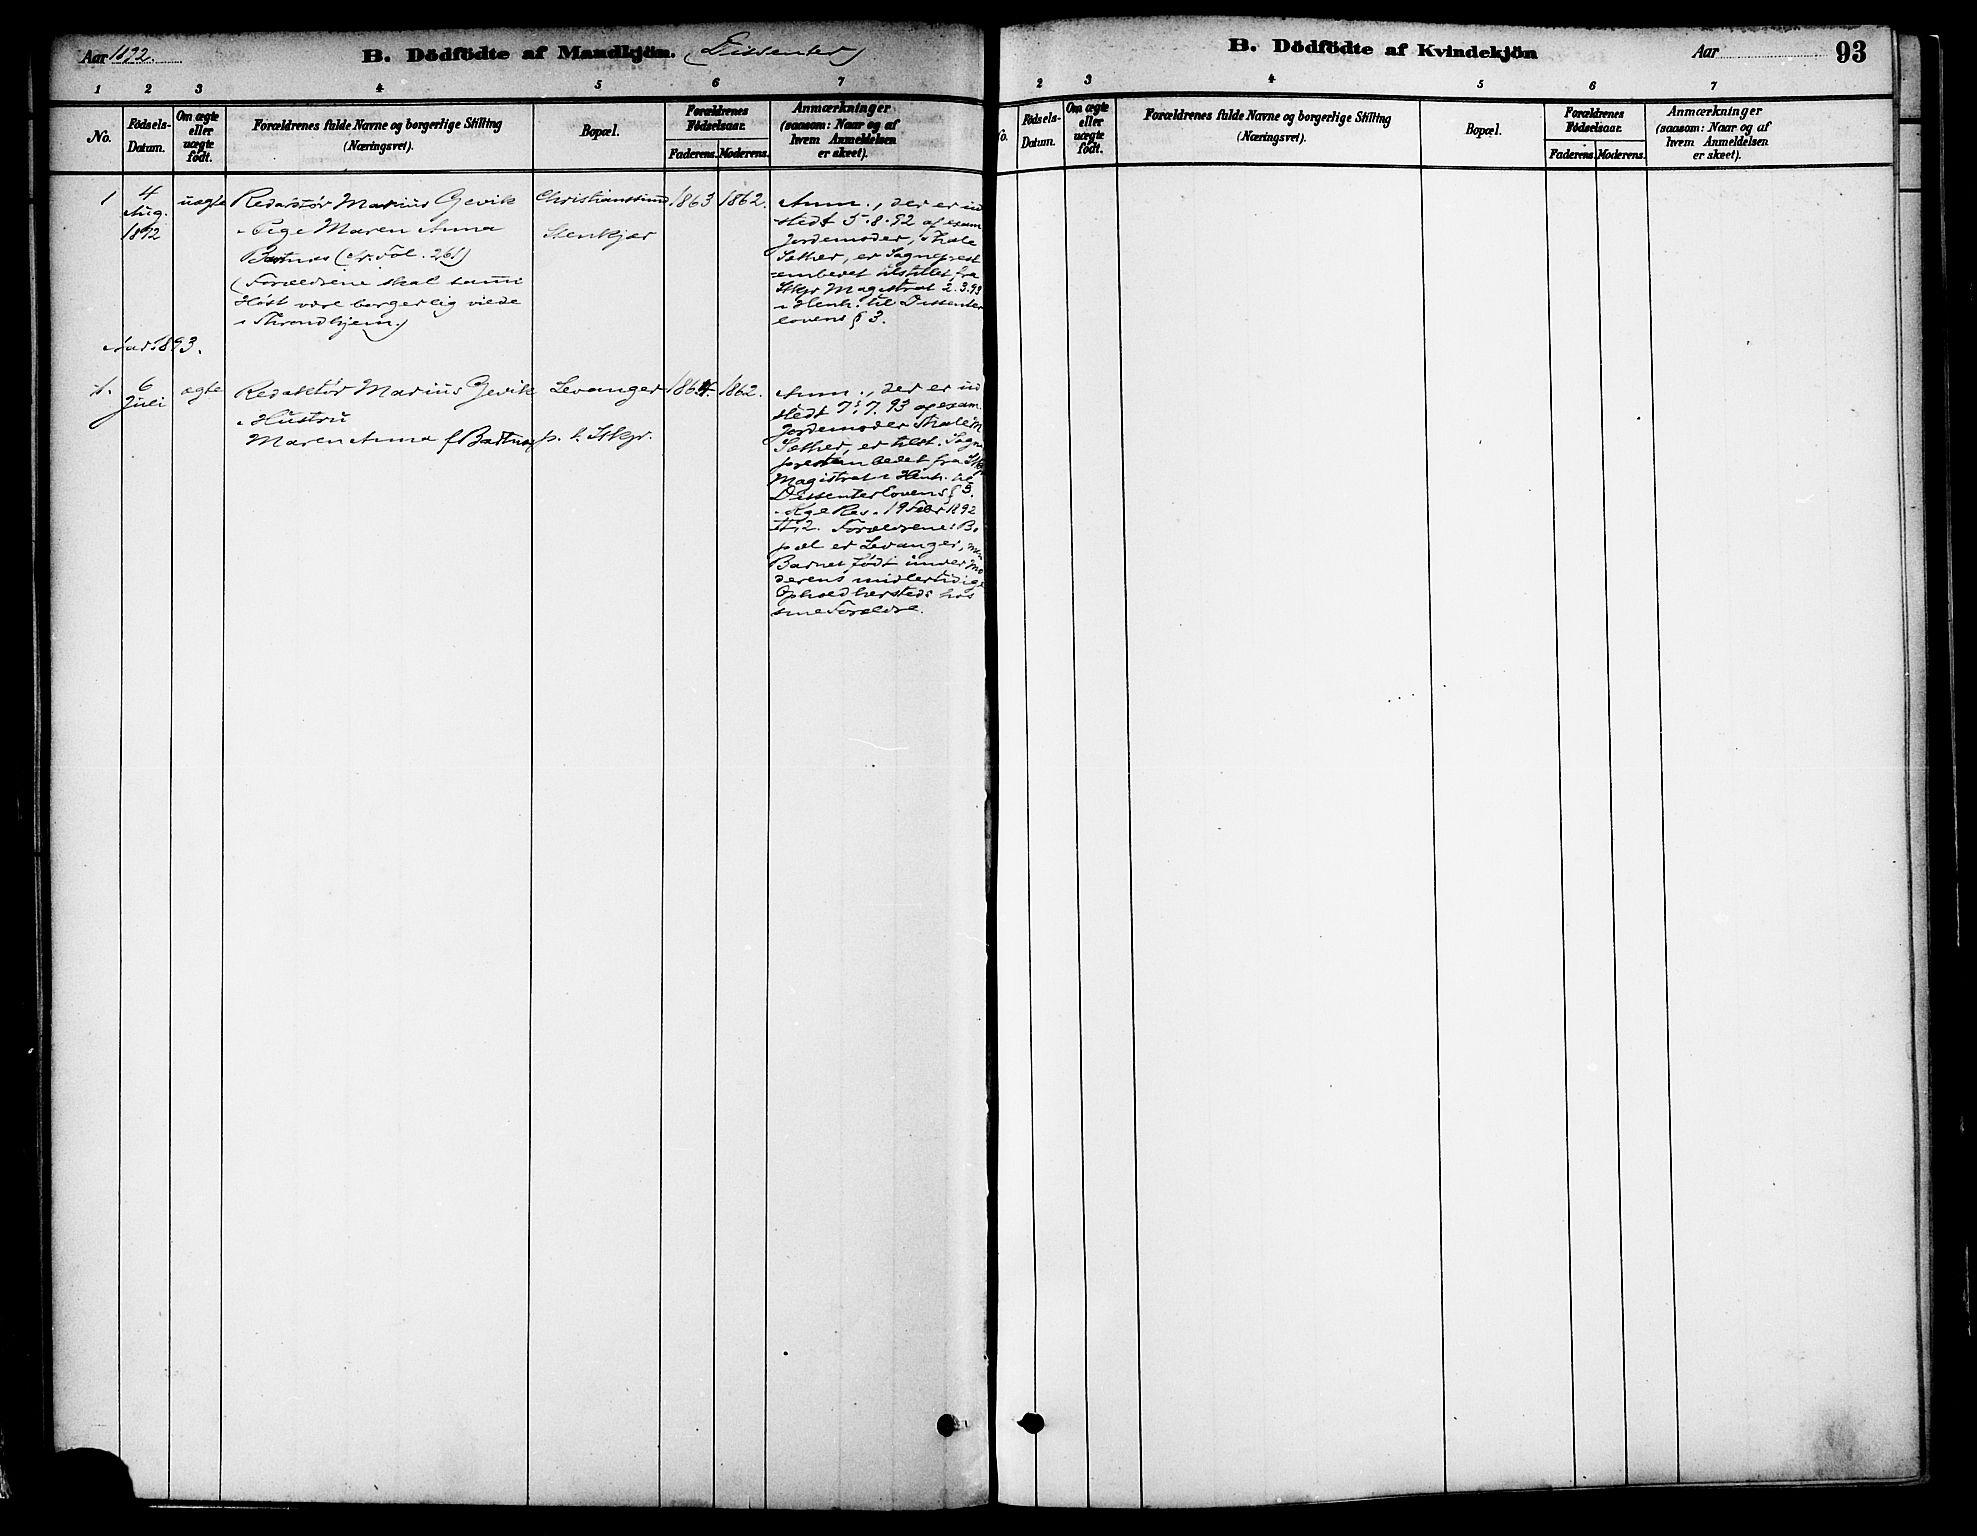 SAT, Ministerialprotokoller, klokkerbøker og fødselsregistre - Nord-Trøndelag, 739/L0371: Ministerialbok nr. 739A03, 1881-1895, s. 93